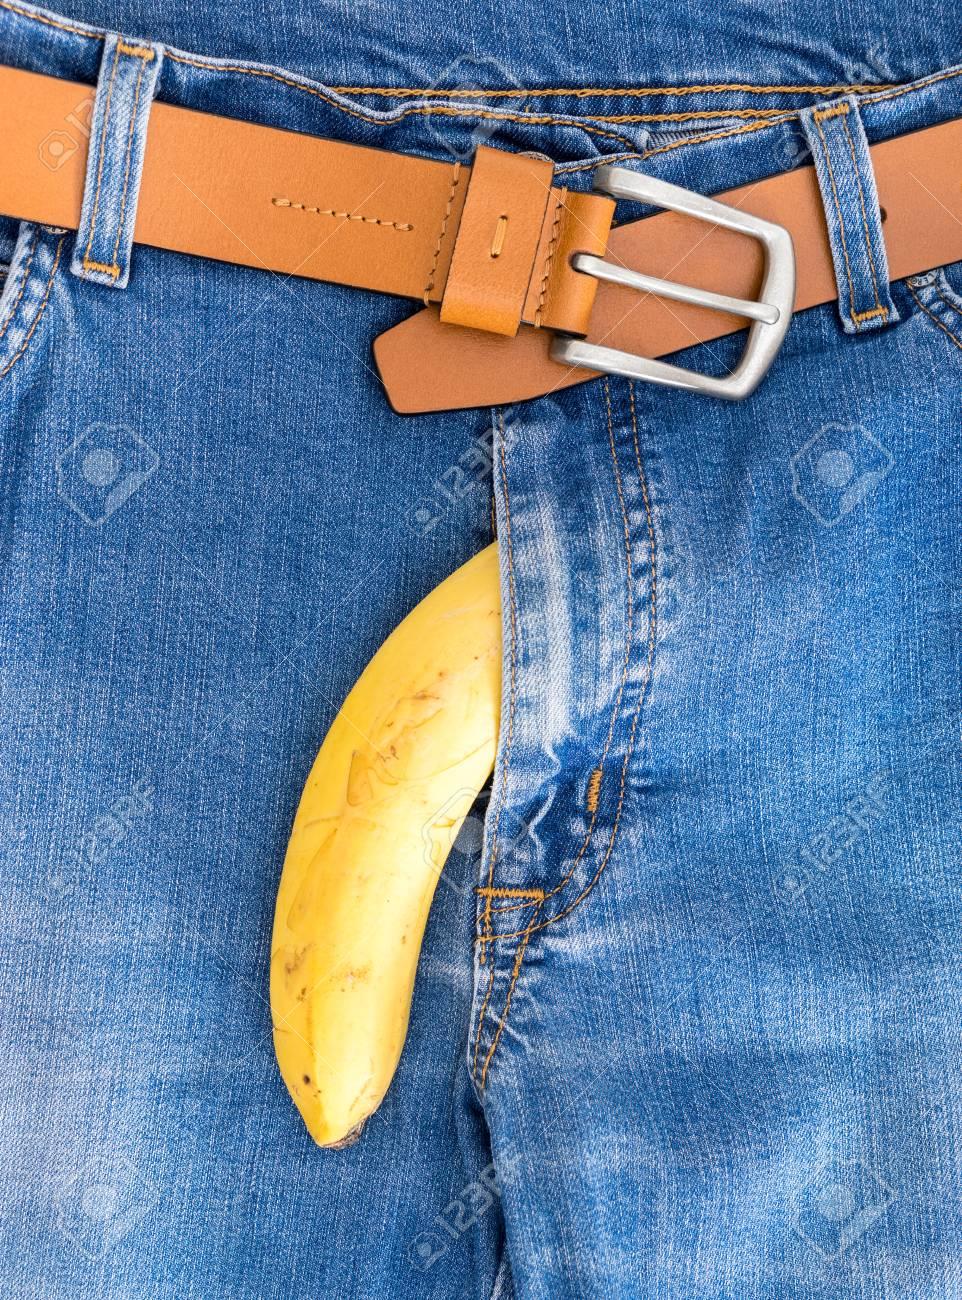 disfunción eréctil y plátanos